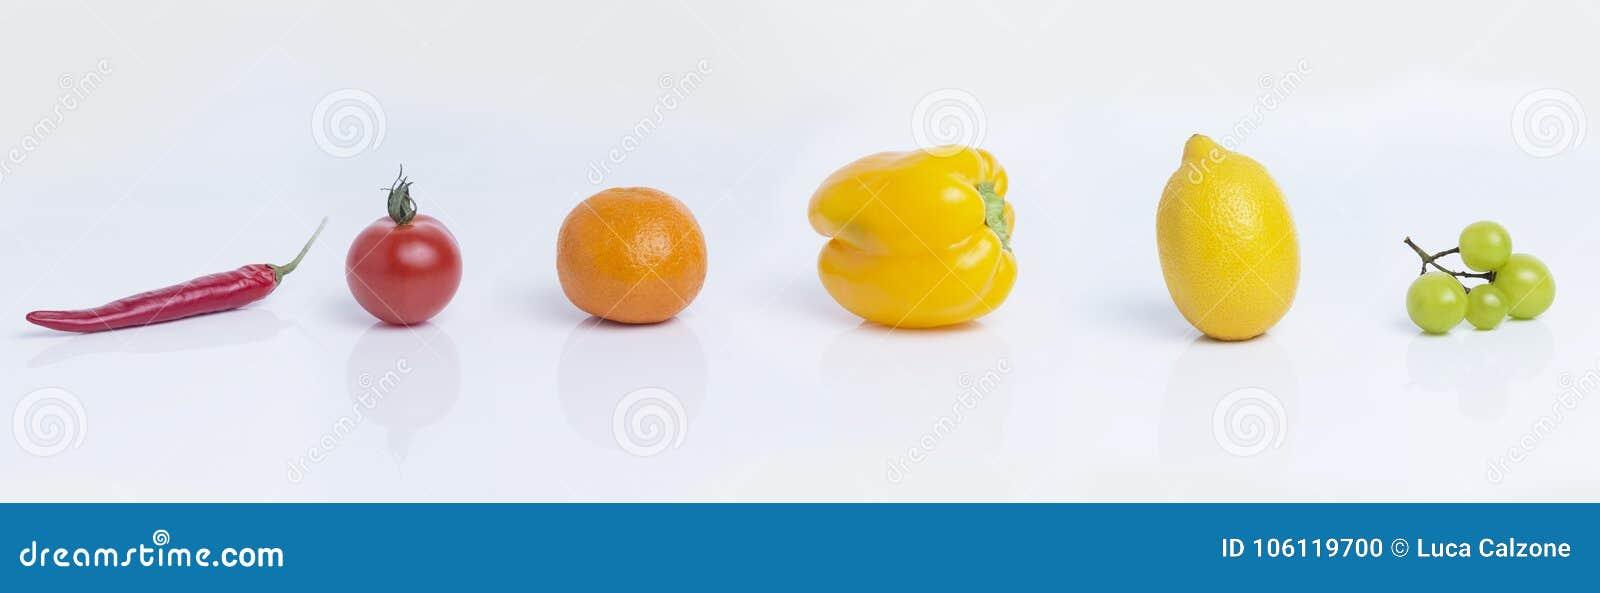 Ζωηρόχρωμα φρούτα στο άσπρο υπόβαθρο και τα αρμονικά χρώματα